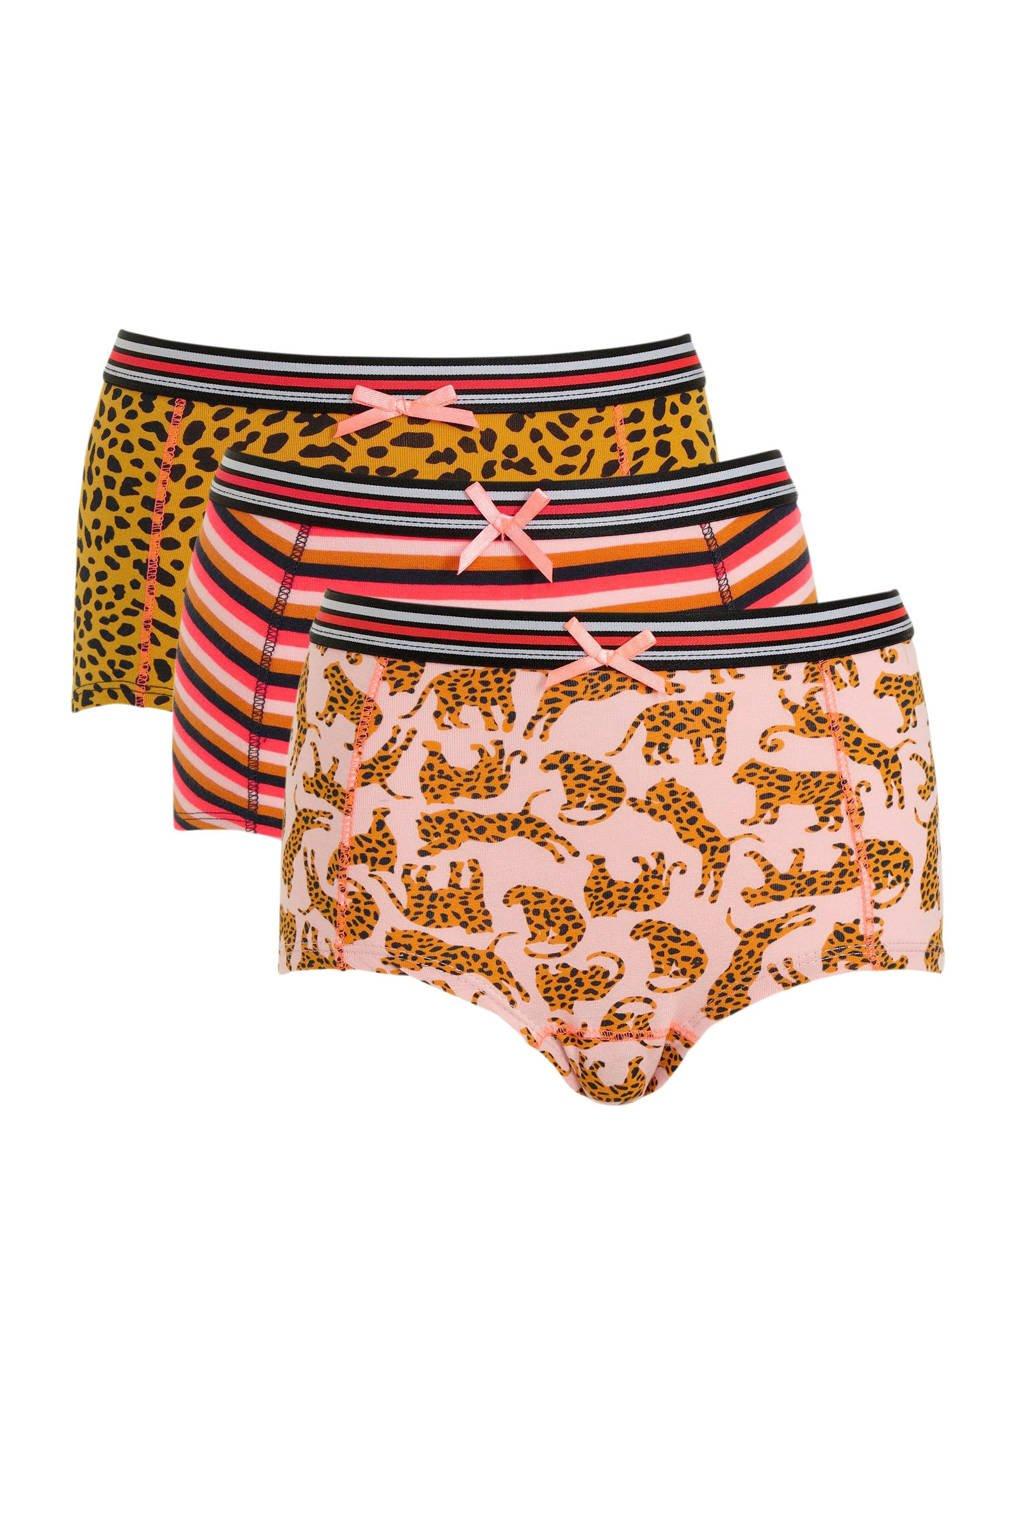 WE Fashion Fundamental hipster - set van 3 roze/bruin/rood, Roze/bruin/rood